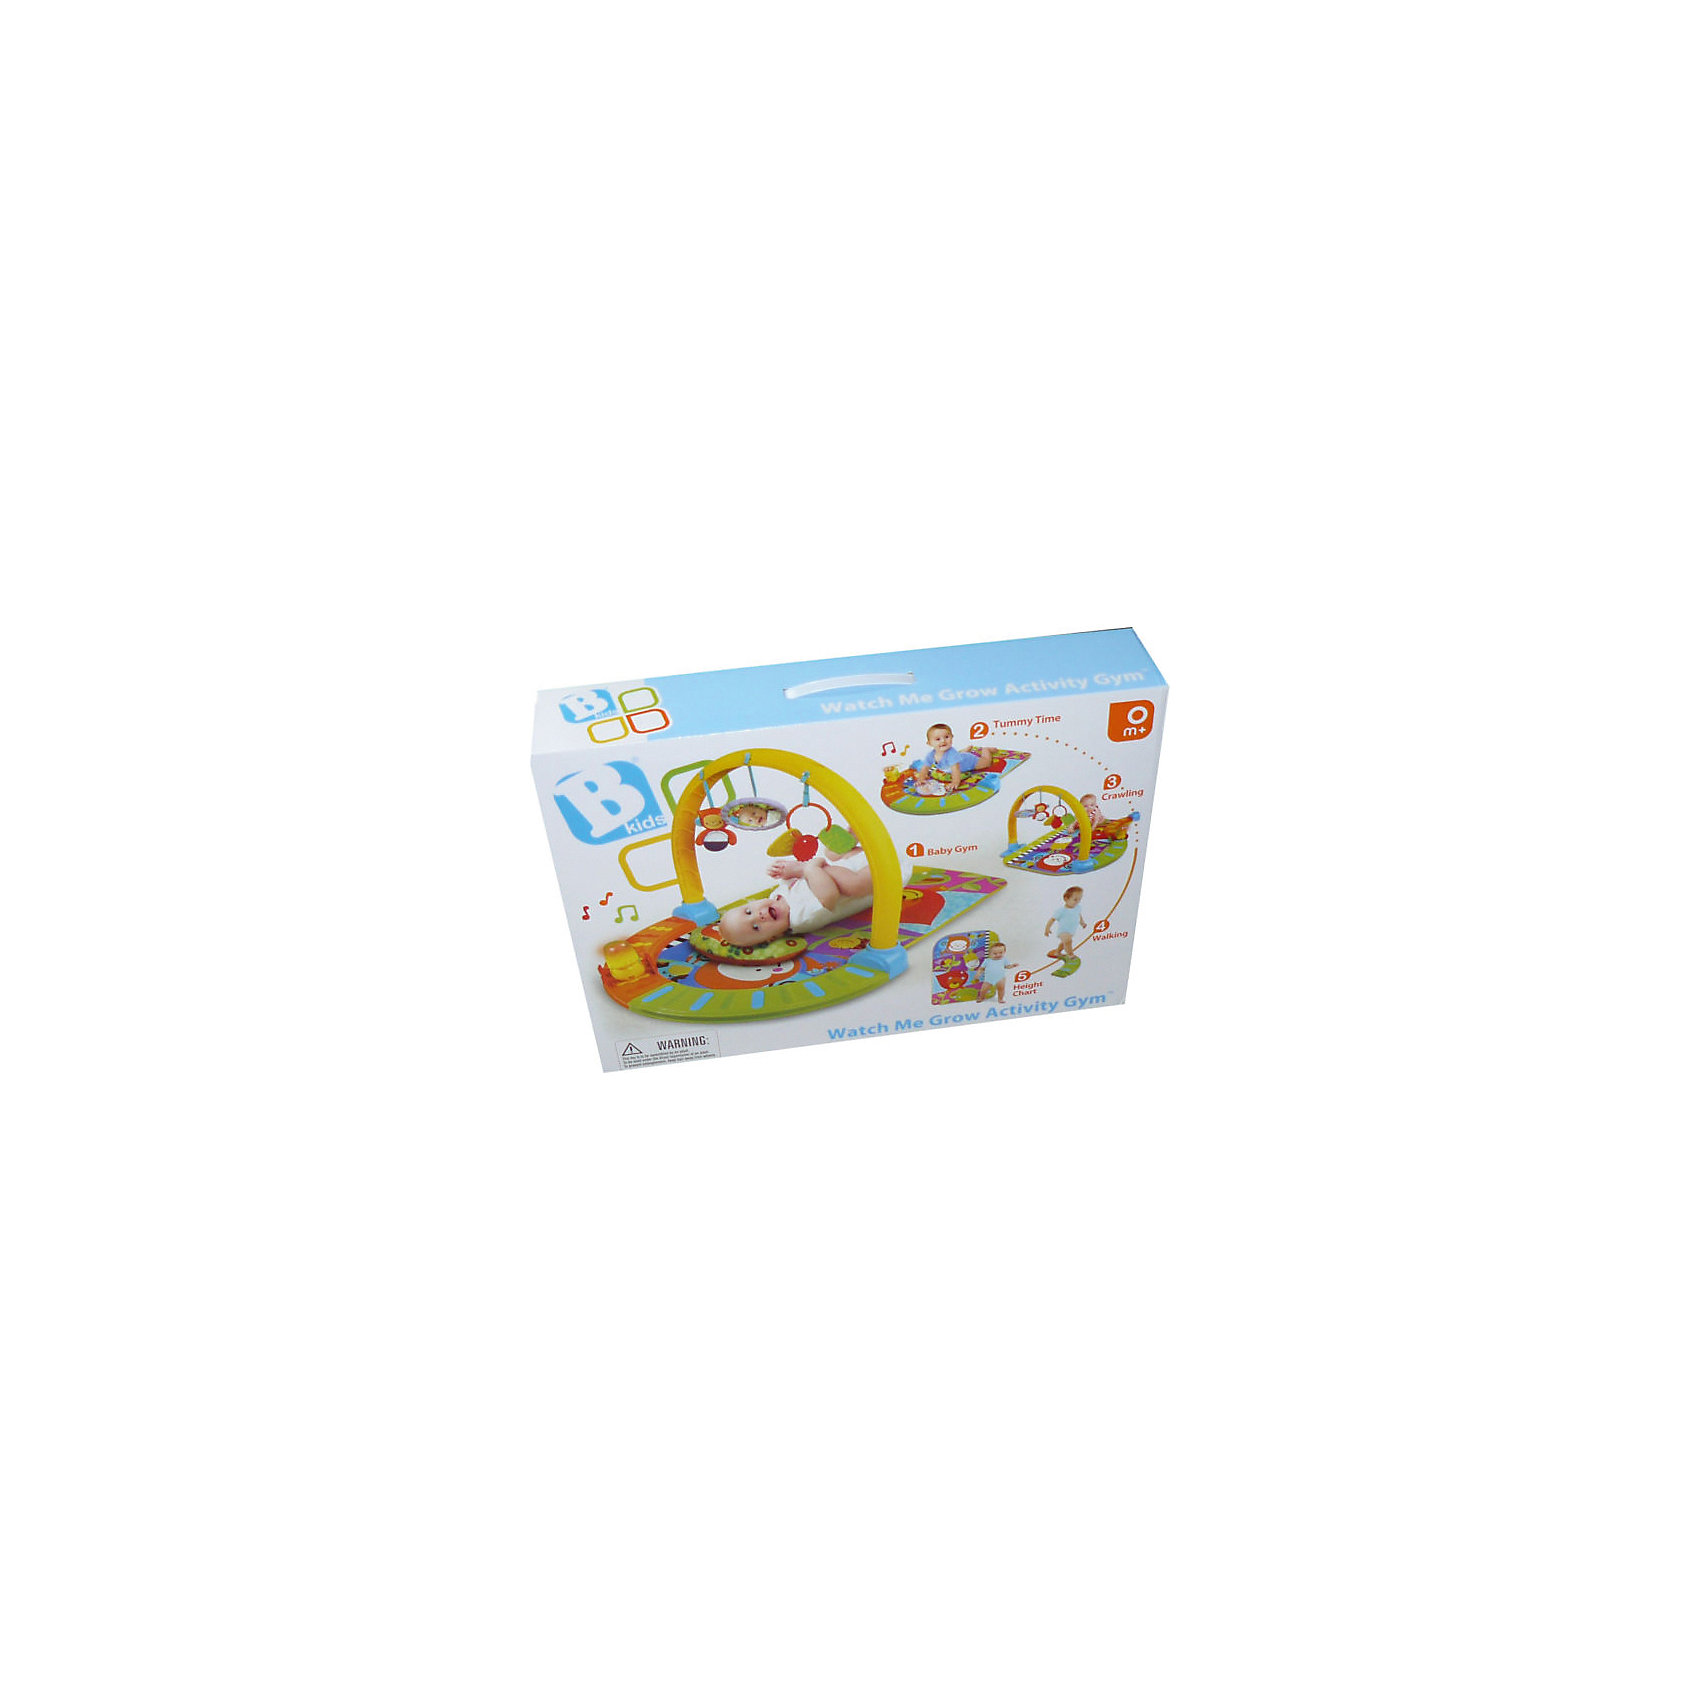 Развивающий коврик с эффектами, BkidsРазвивающие коврики<br>Развивающий коврик с эффектами, Bkids (Б Кидс) - универсальная игрушка для самых маленьких. Коврик предполагает 5 возможностей использования с учетом возраста ребенка.<br><br>Особенности:<br>- лежа на спине малыш сможет рассматривать и хватать игрушки, подвешенные на дуге<br>- лежа на животе малыш сможет следить за двигающейся гусеницей со звуковыми и световыми эффектами<br>- сидя кроха сможет изучить все цвета, картинки и игрушки коврика<br>- малыш может повторить путешествие гусеницы, ползая по дорожке<br>- вы может измерить рост крохи с помощью ростомера на коврике (до 70 см)<br><br>Дополнительная информация:<br>В комплекте: коврик, дуга, съемная дорожка для гусеницы, гусеница, подушечка, игрушки(прорезыватель, безопасное зеркало и погремушка)<br>Батарейки: ААА - 3шт. (в комплект не входят)<br>Размер упаковки: 60,9х10,8х44,4 см<br><br>Вы можете приобрести развивающий коврик с эффектами, Bkids (Б Кидс) в нашем интернет-магазине.<br><br>Ширина мм: 637<br>Глубина мм: 475<br>Высота мм: 130<br>Вес г: 2385<br>Возраст от месяцев: 0<br>Возраст до месяцев: 12<br>Пол: Унисекс<br>Возраст: Детский<br>SKU: 4159840